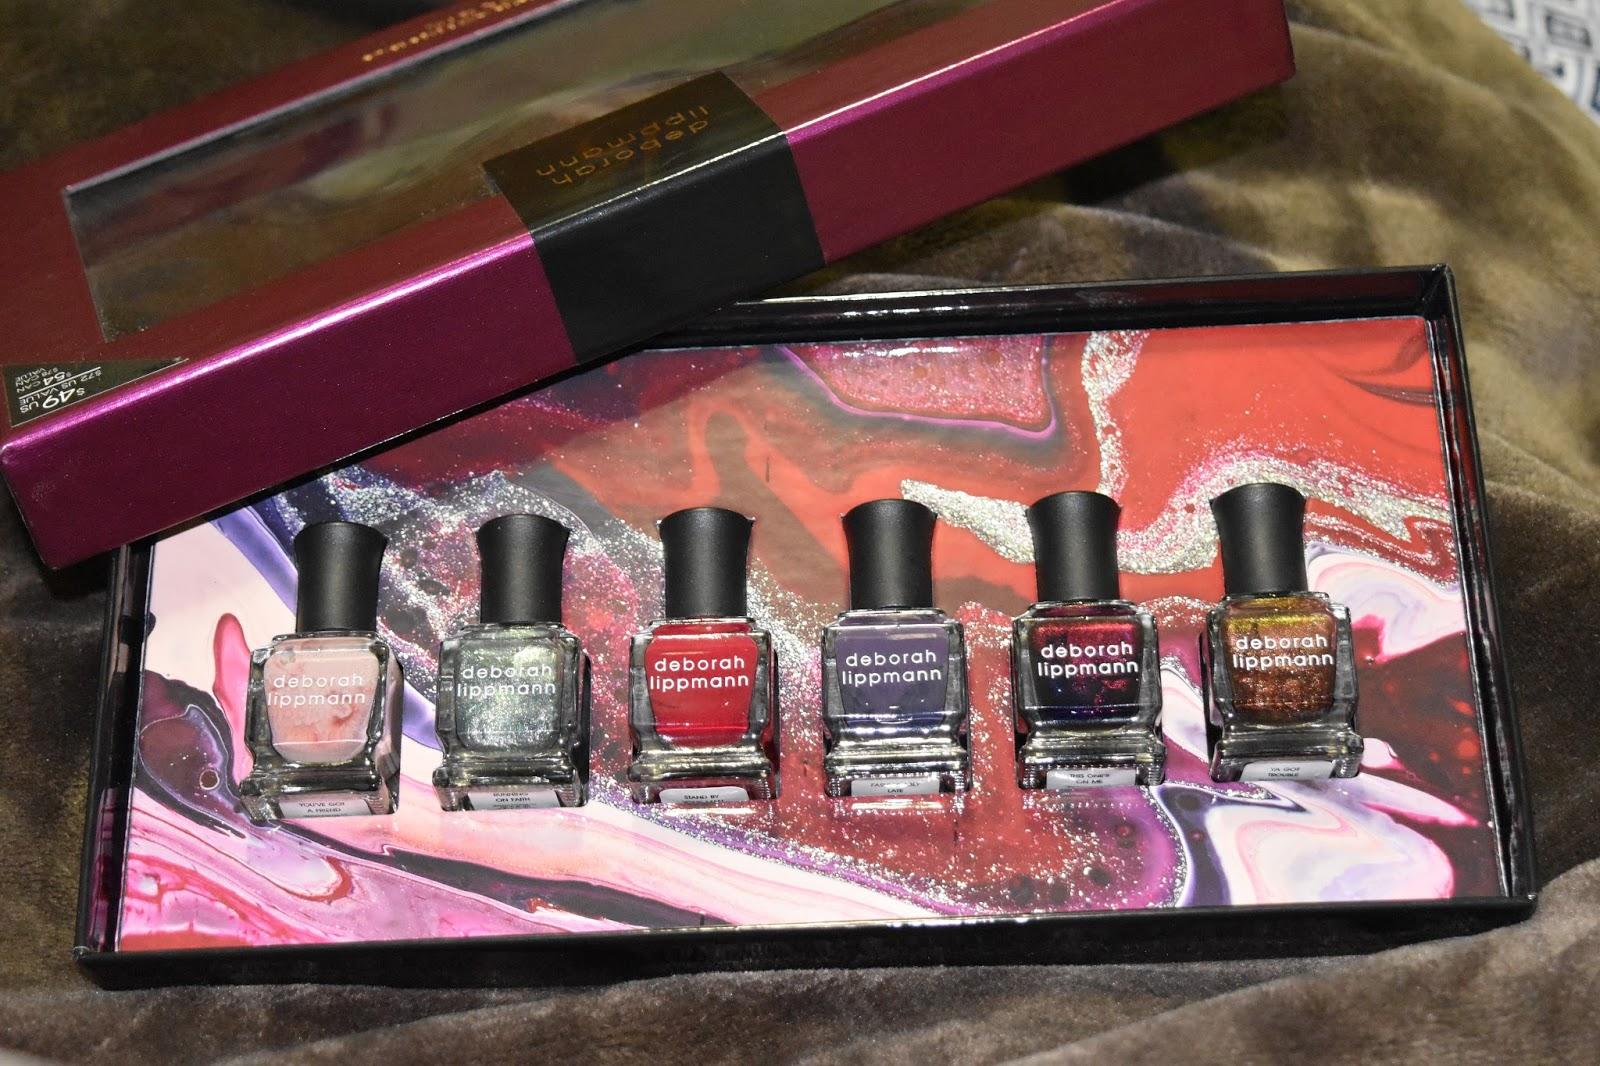 Deborah Lippmann Nail Lacquer Set | Aim For Glam